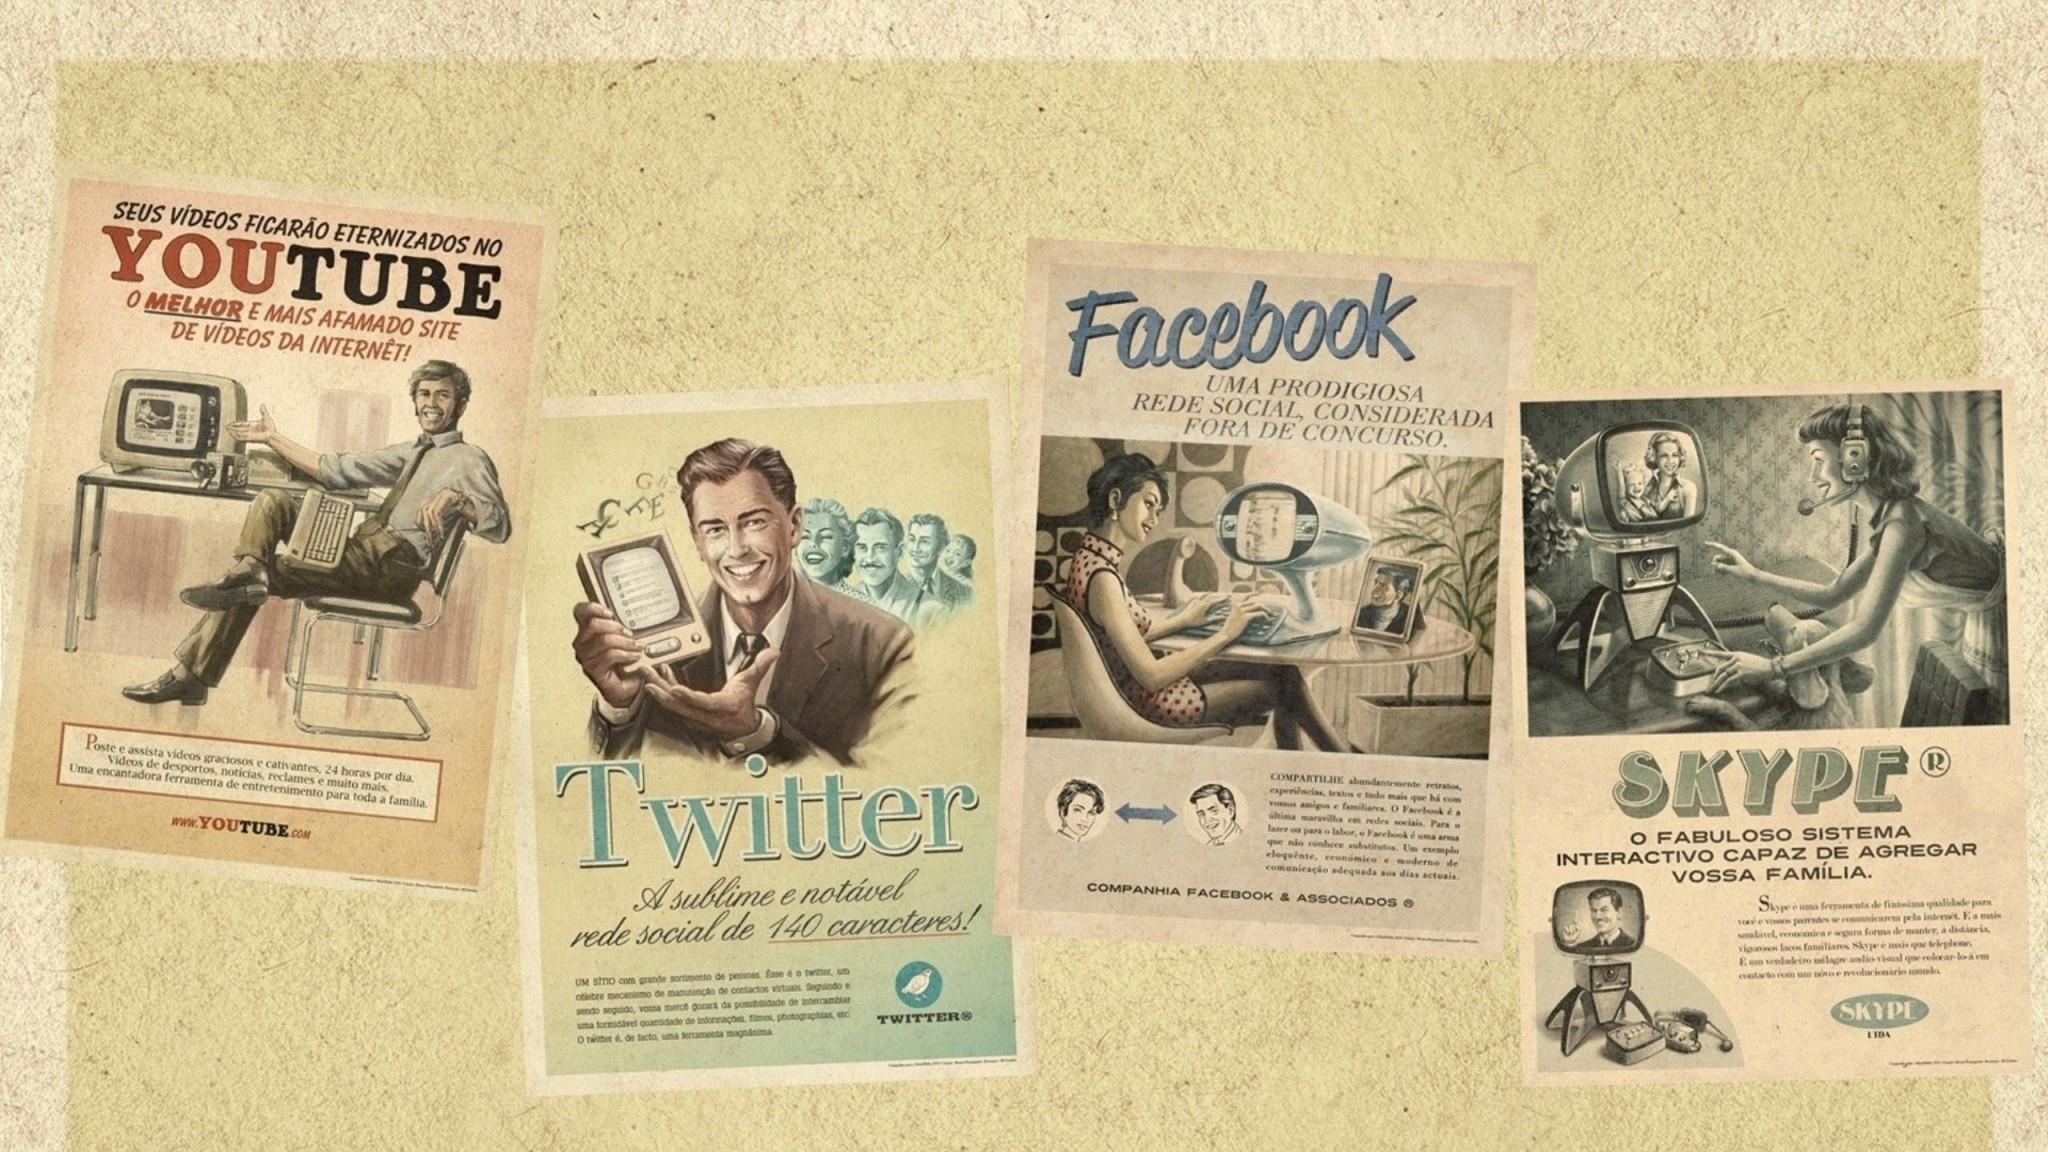 Wallpaper youtube, skype, twitter, facebook, social media,  internet, newspaper